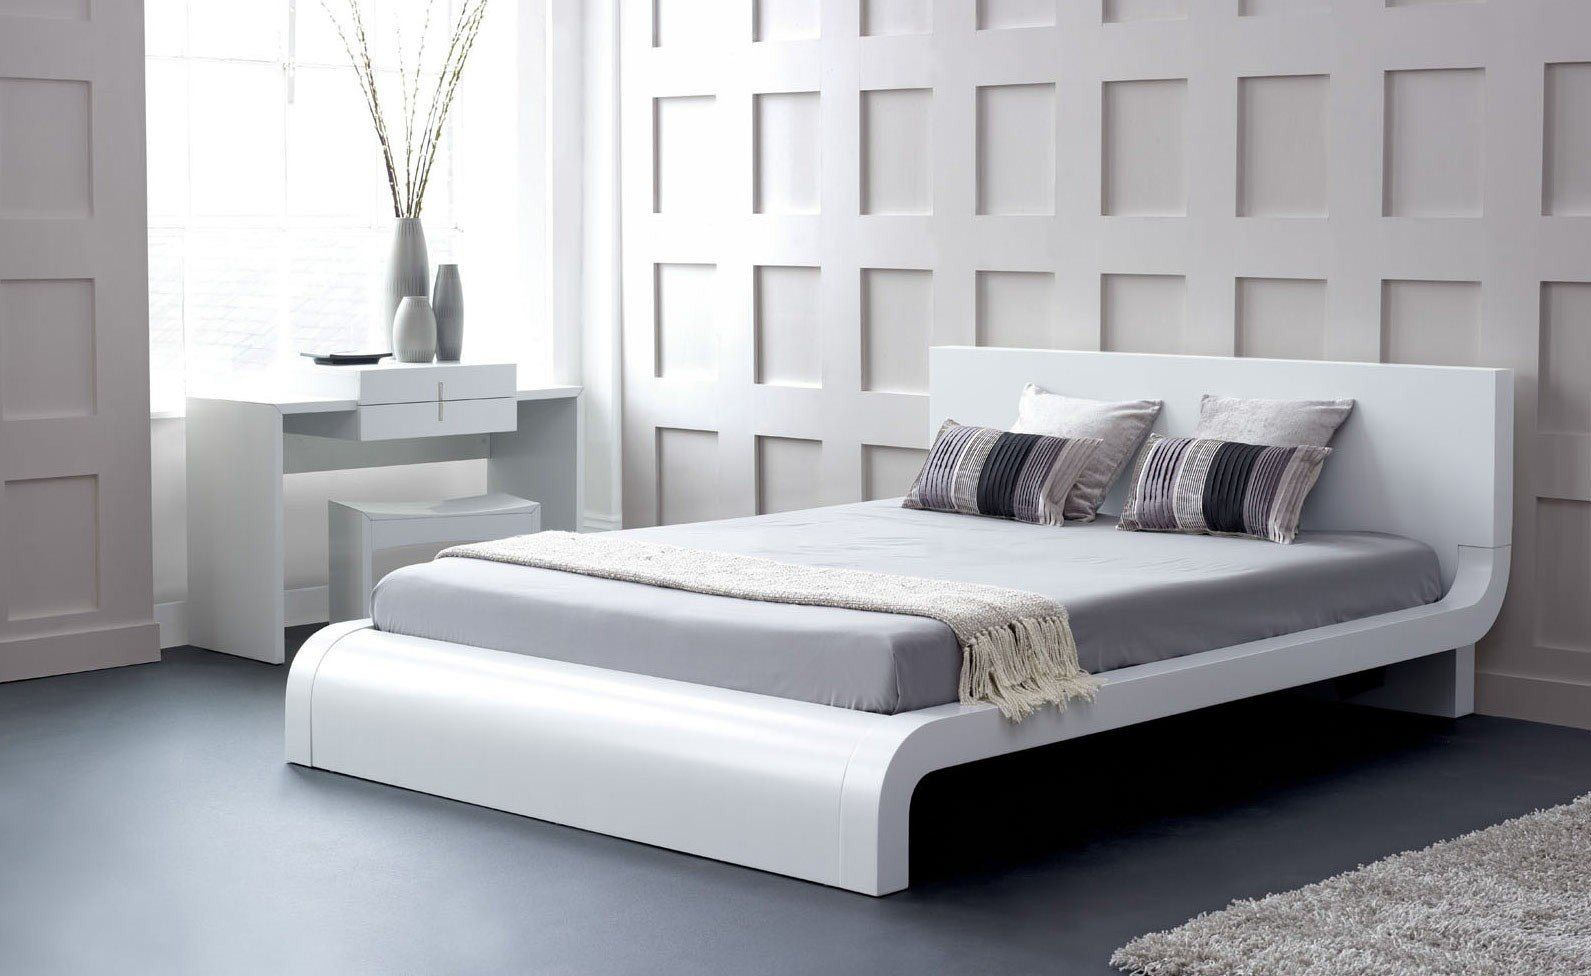 Full Size of Niedrige Betten 20 Coole Und Komfortable Moderne Bettdesigns Wohnwert Ebay Ruf Preise Kopfteile Für Amerikanische Nolte Schlafzimmer Hülsta 100x200 Wohnzimmer Niedrige Betten